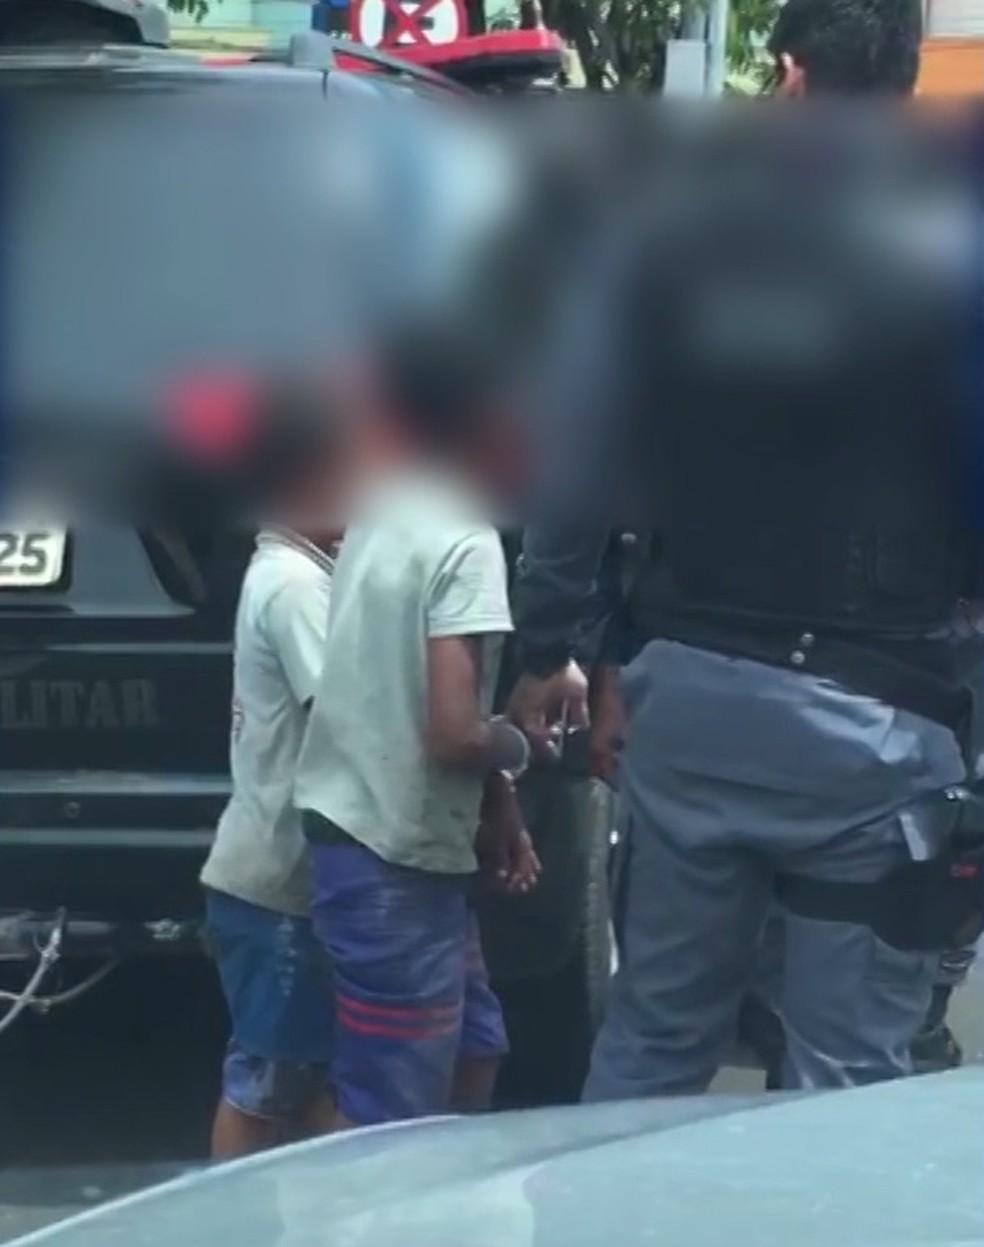 Crianças de 9 e 10 anos não poderiam ser levadas para delegacia, segundo o Conselho Tutelar — Foto: Reprodução/TV Mirante